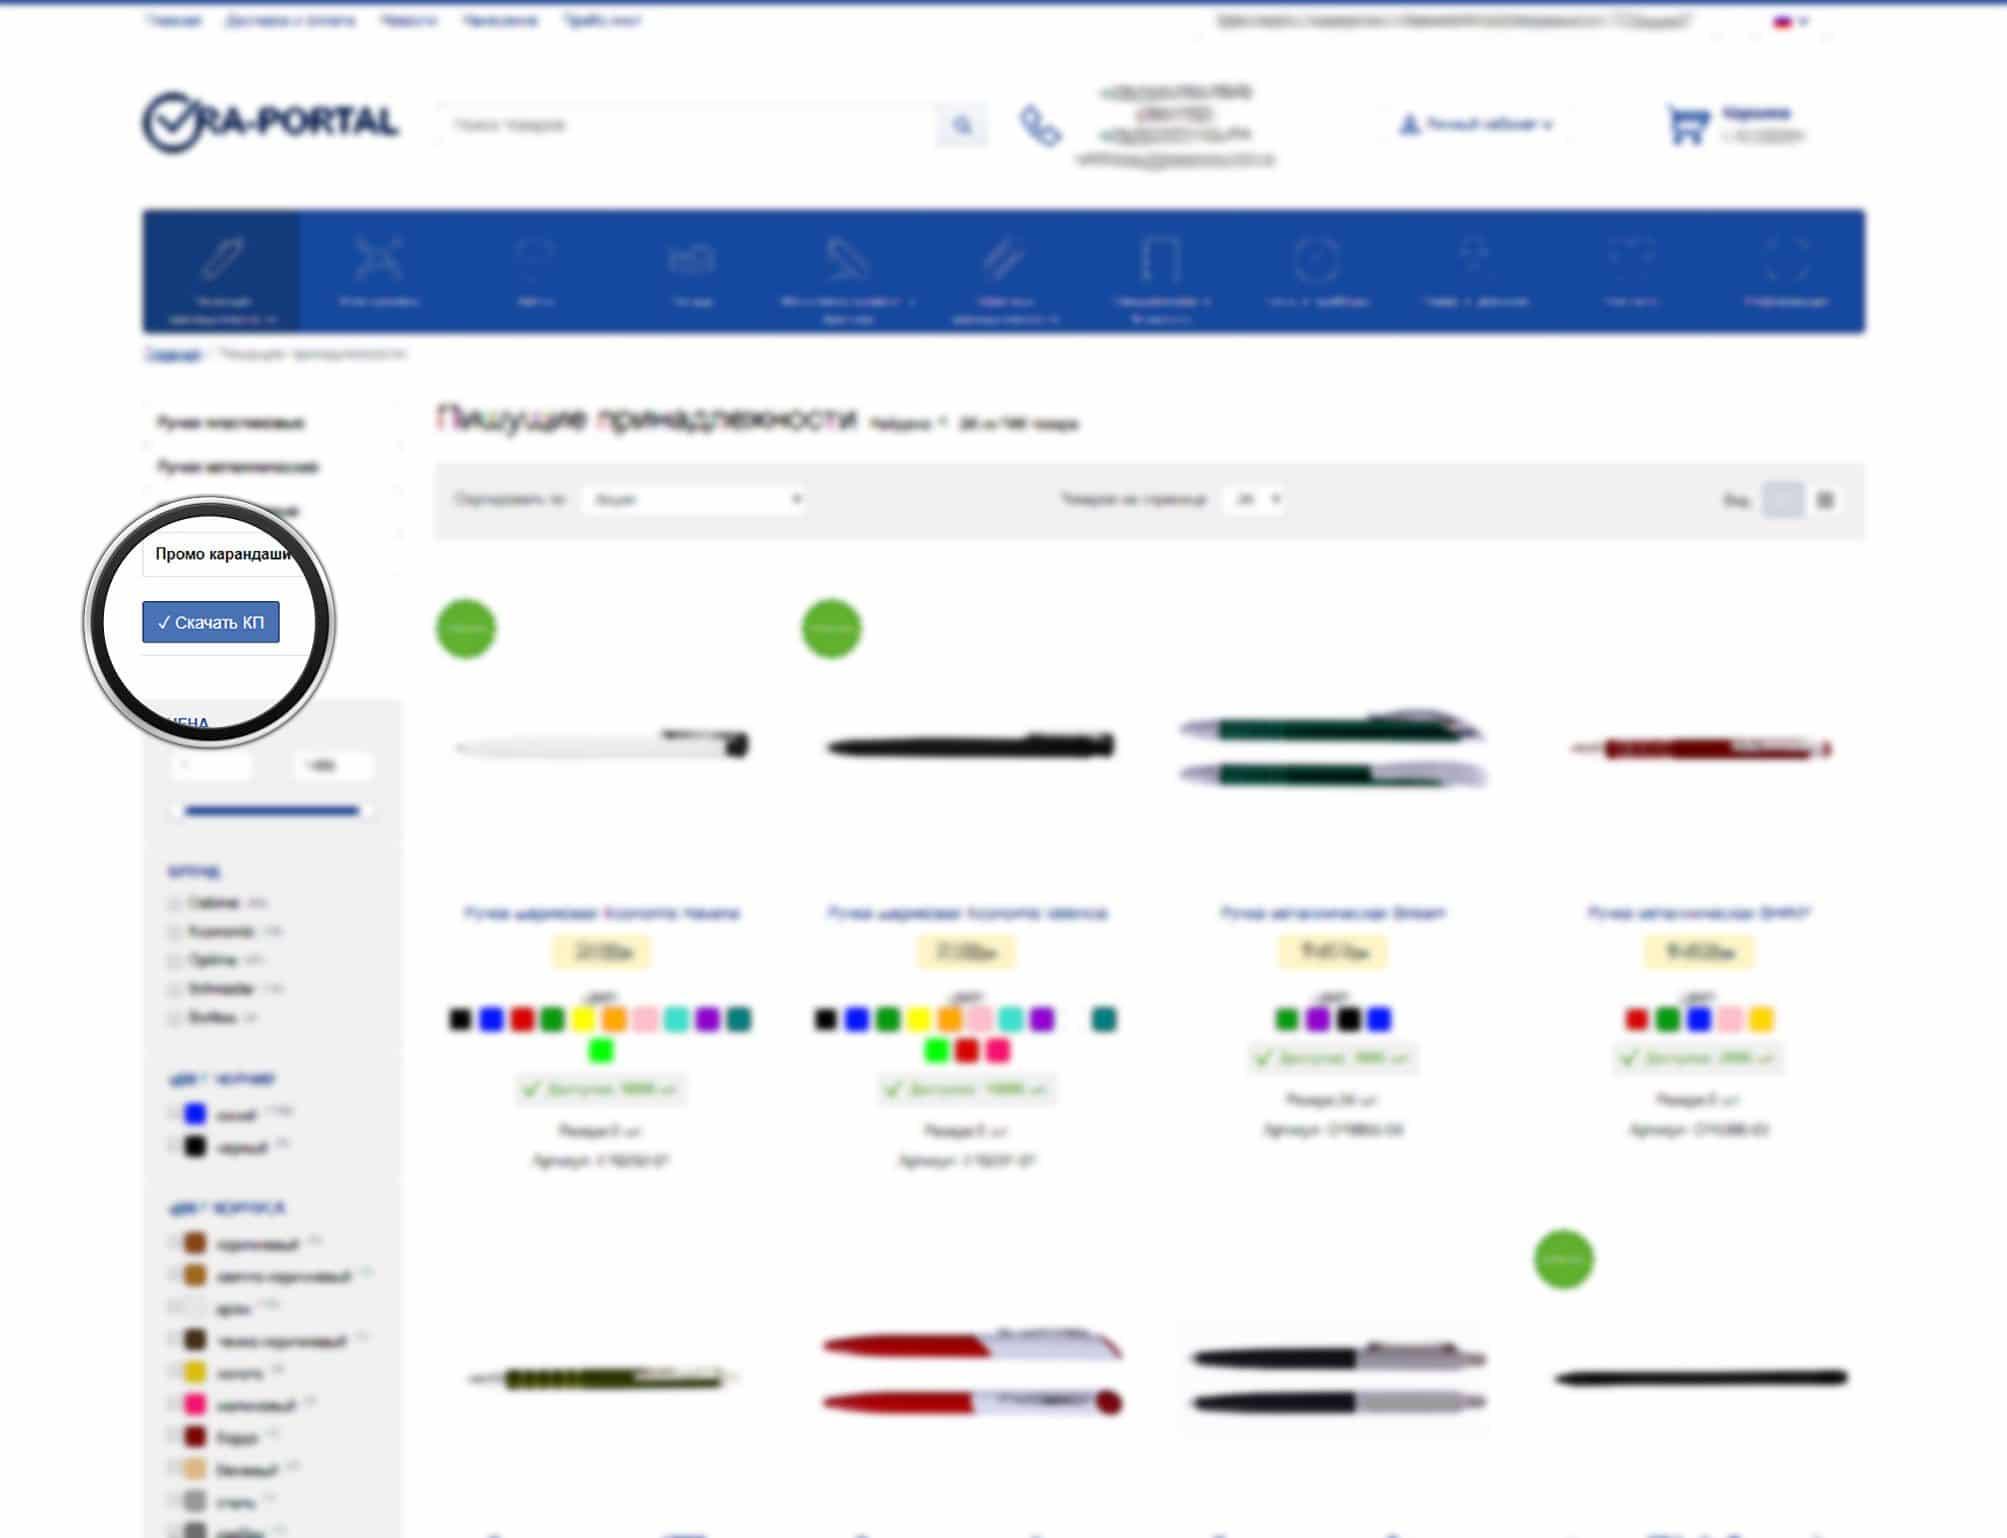 Разработали портал (интернет-магазин) для B2B агенств imagecms